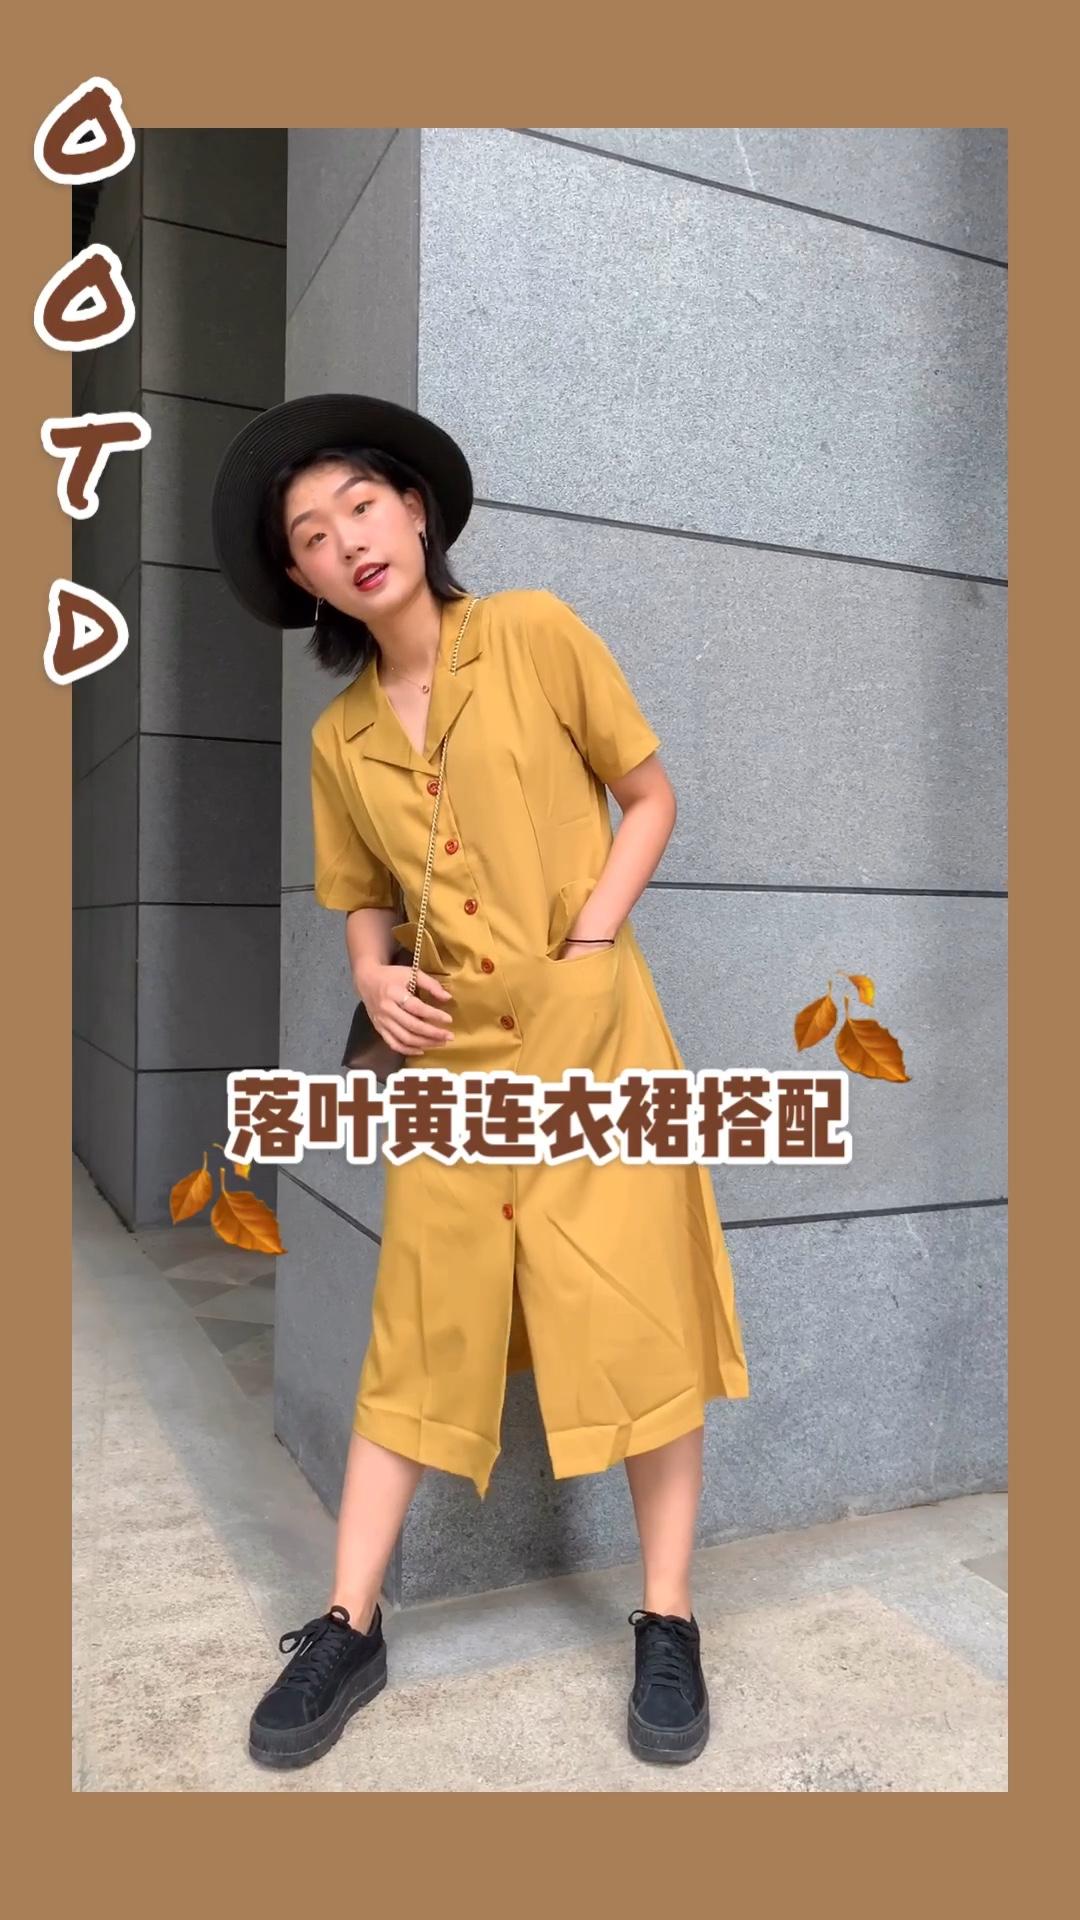 敲美的落叶黄色裙子了解一下吗! 斯文又大方!见家长必备哦! #解锁101种秋日搭配技能#